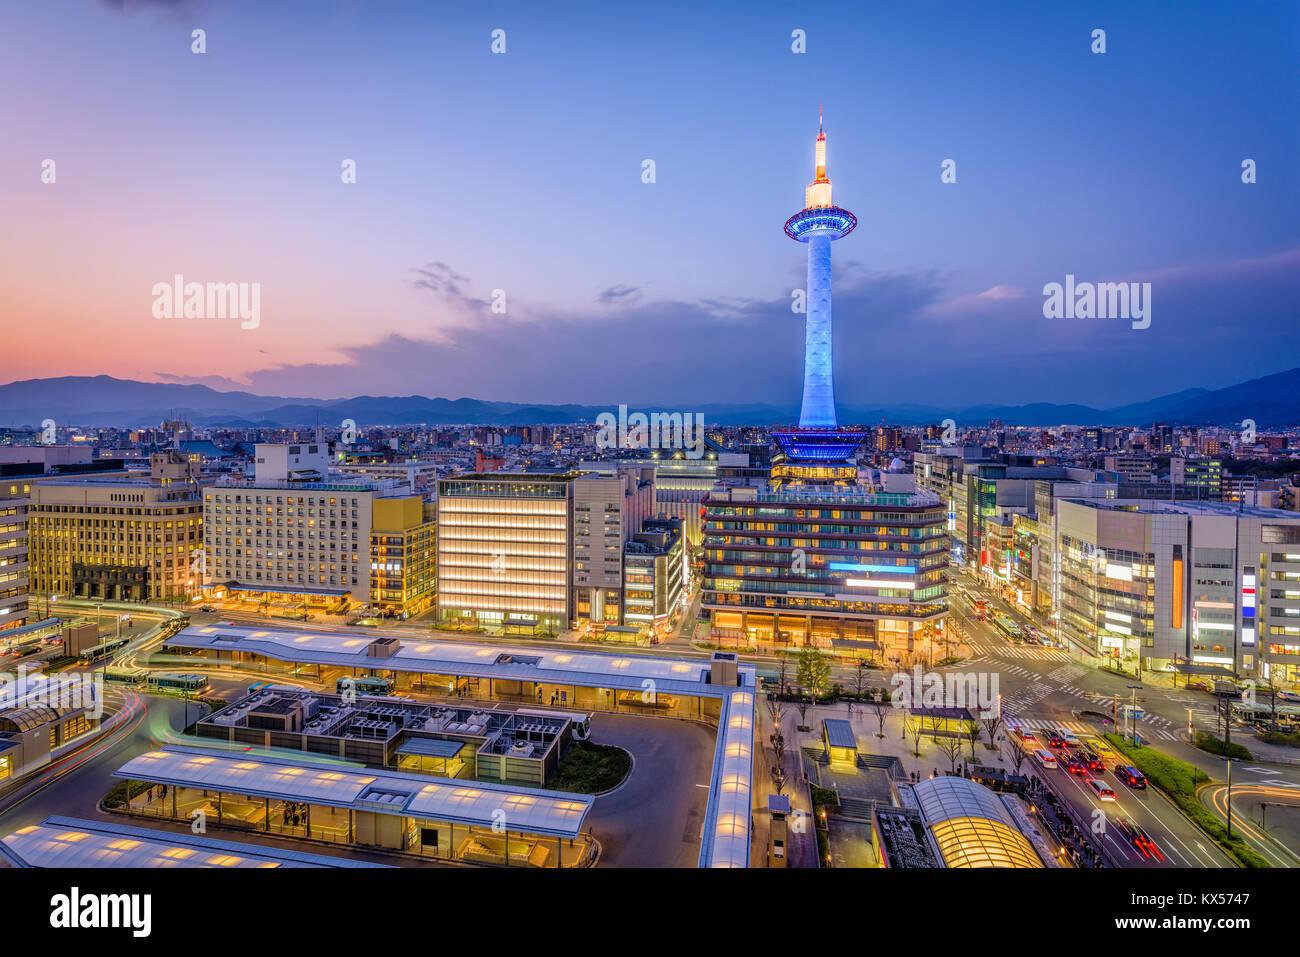 Kyoto, Giappone skyline del centro e la torre. Immagini Stock